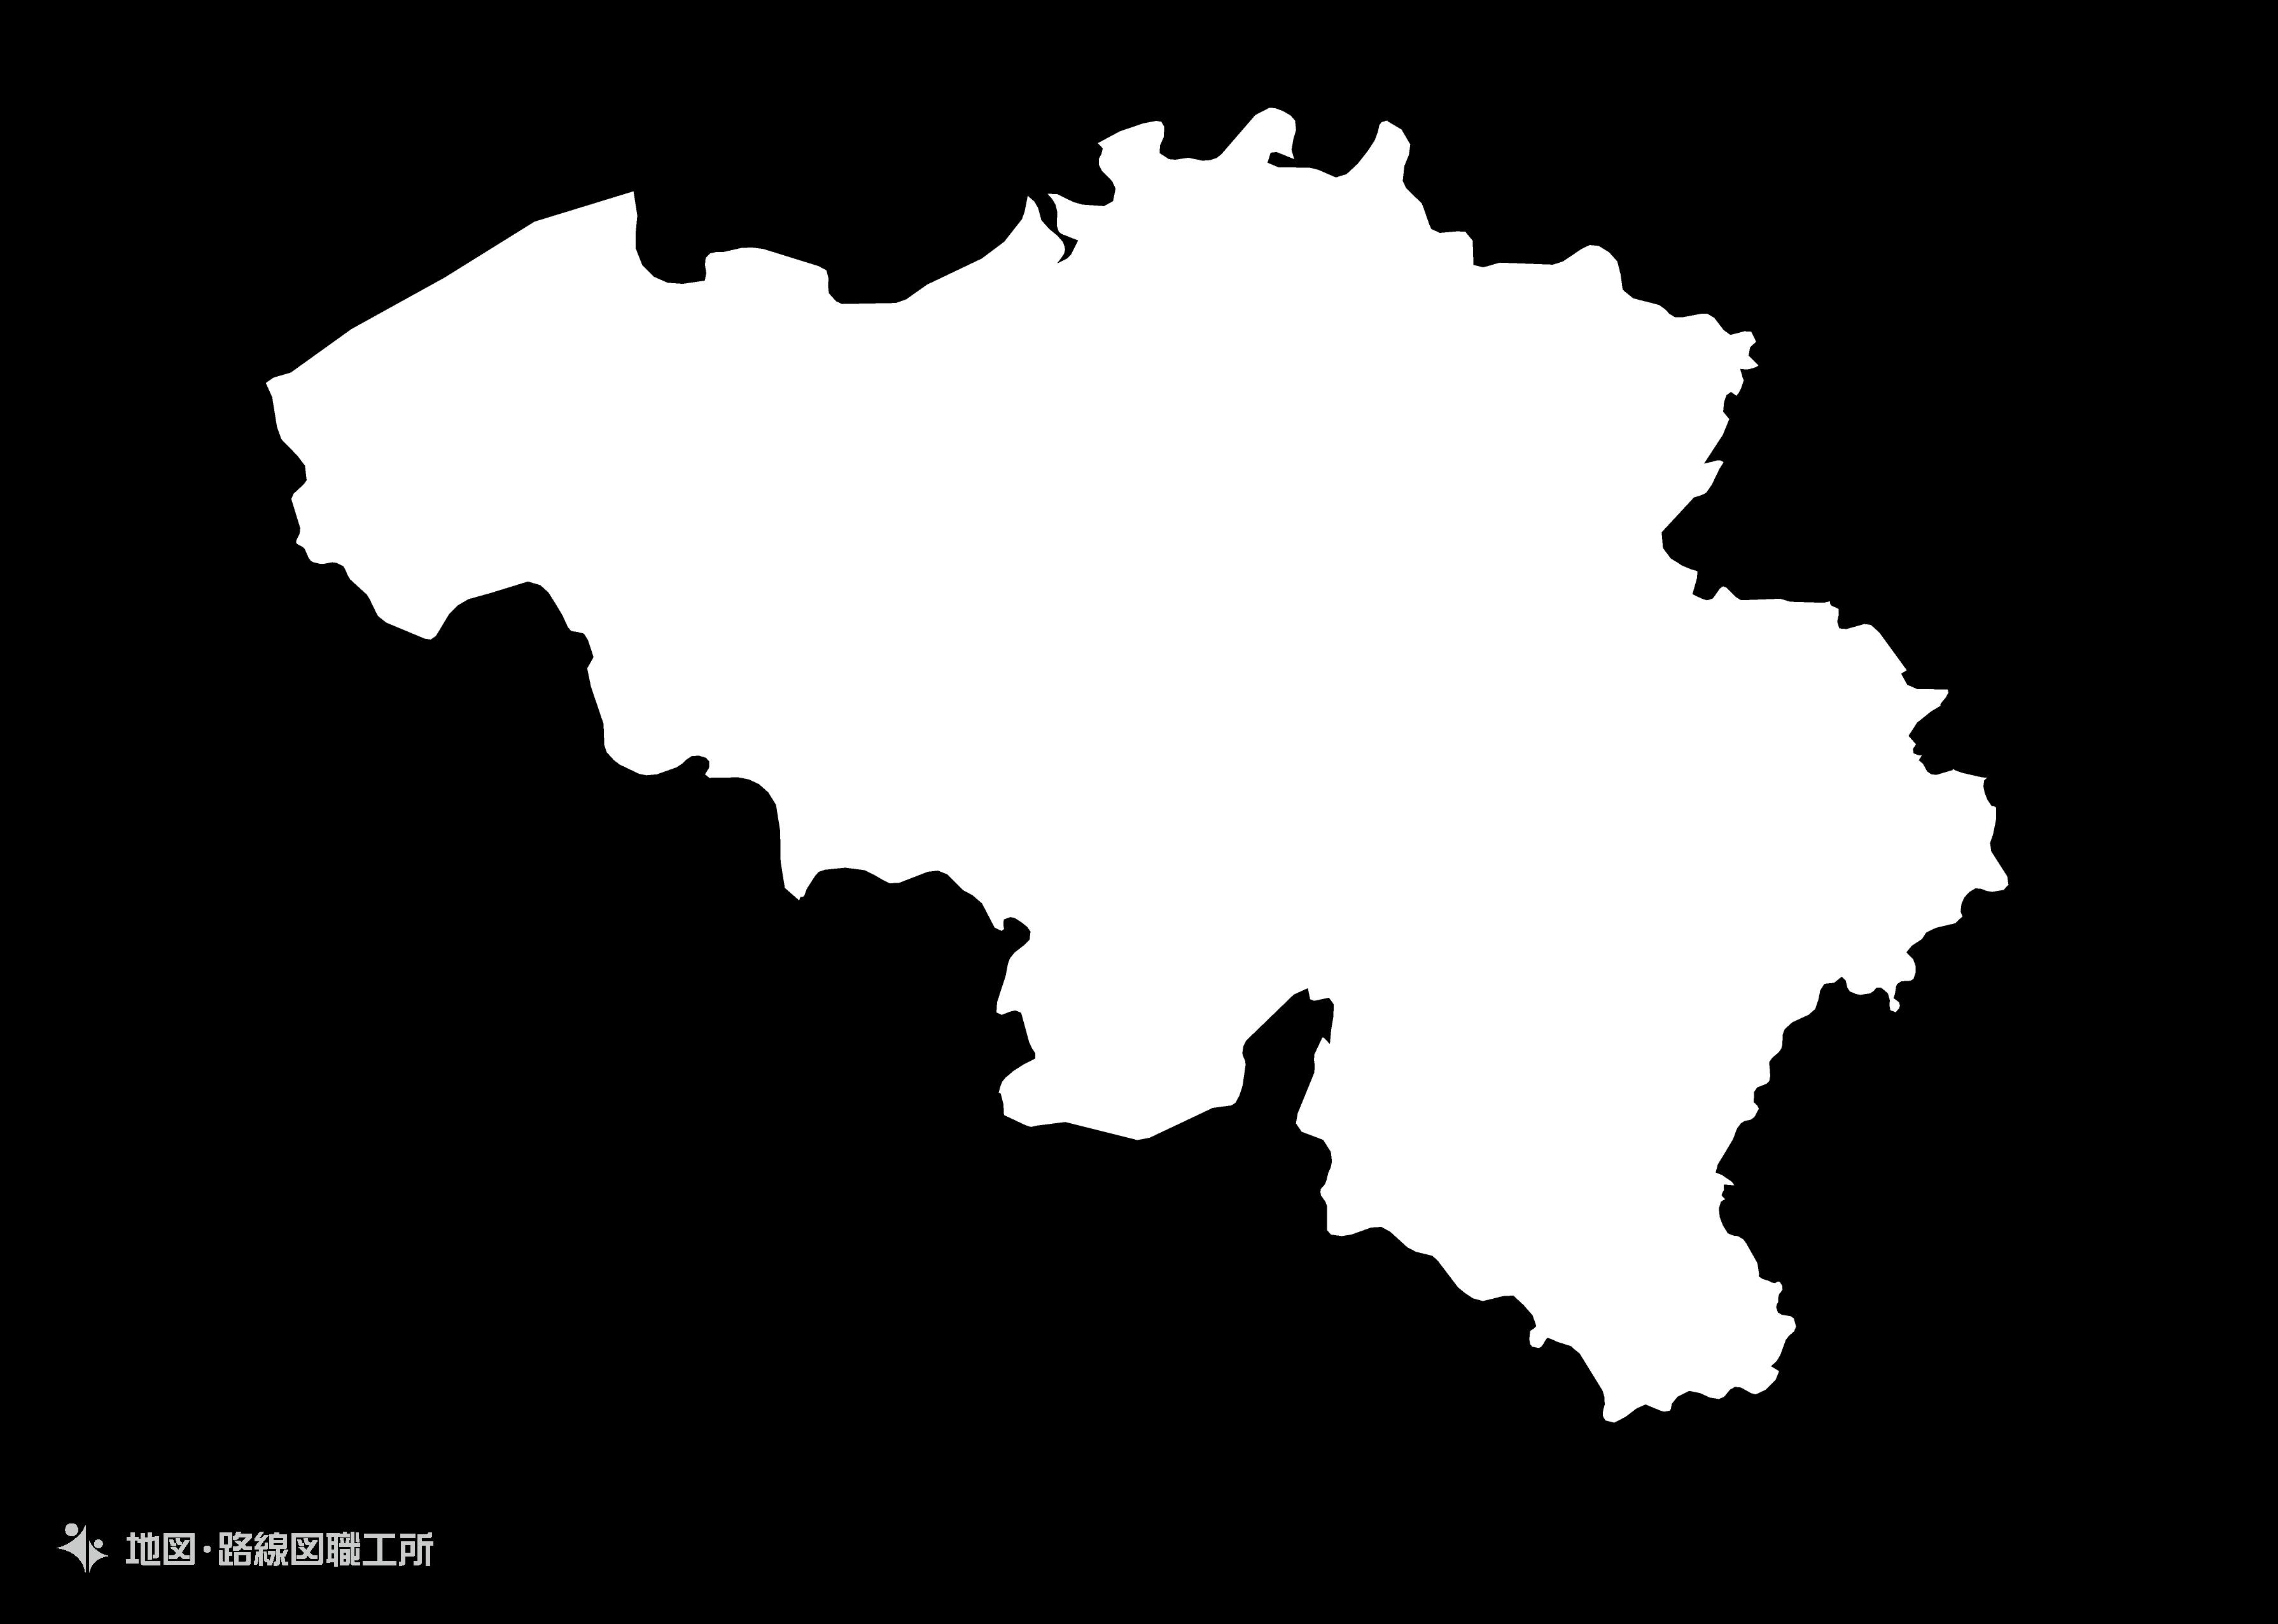 世界の白地図 ベルギー王国 kingdom-of-belguium map